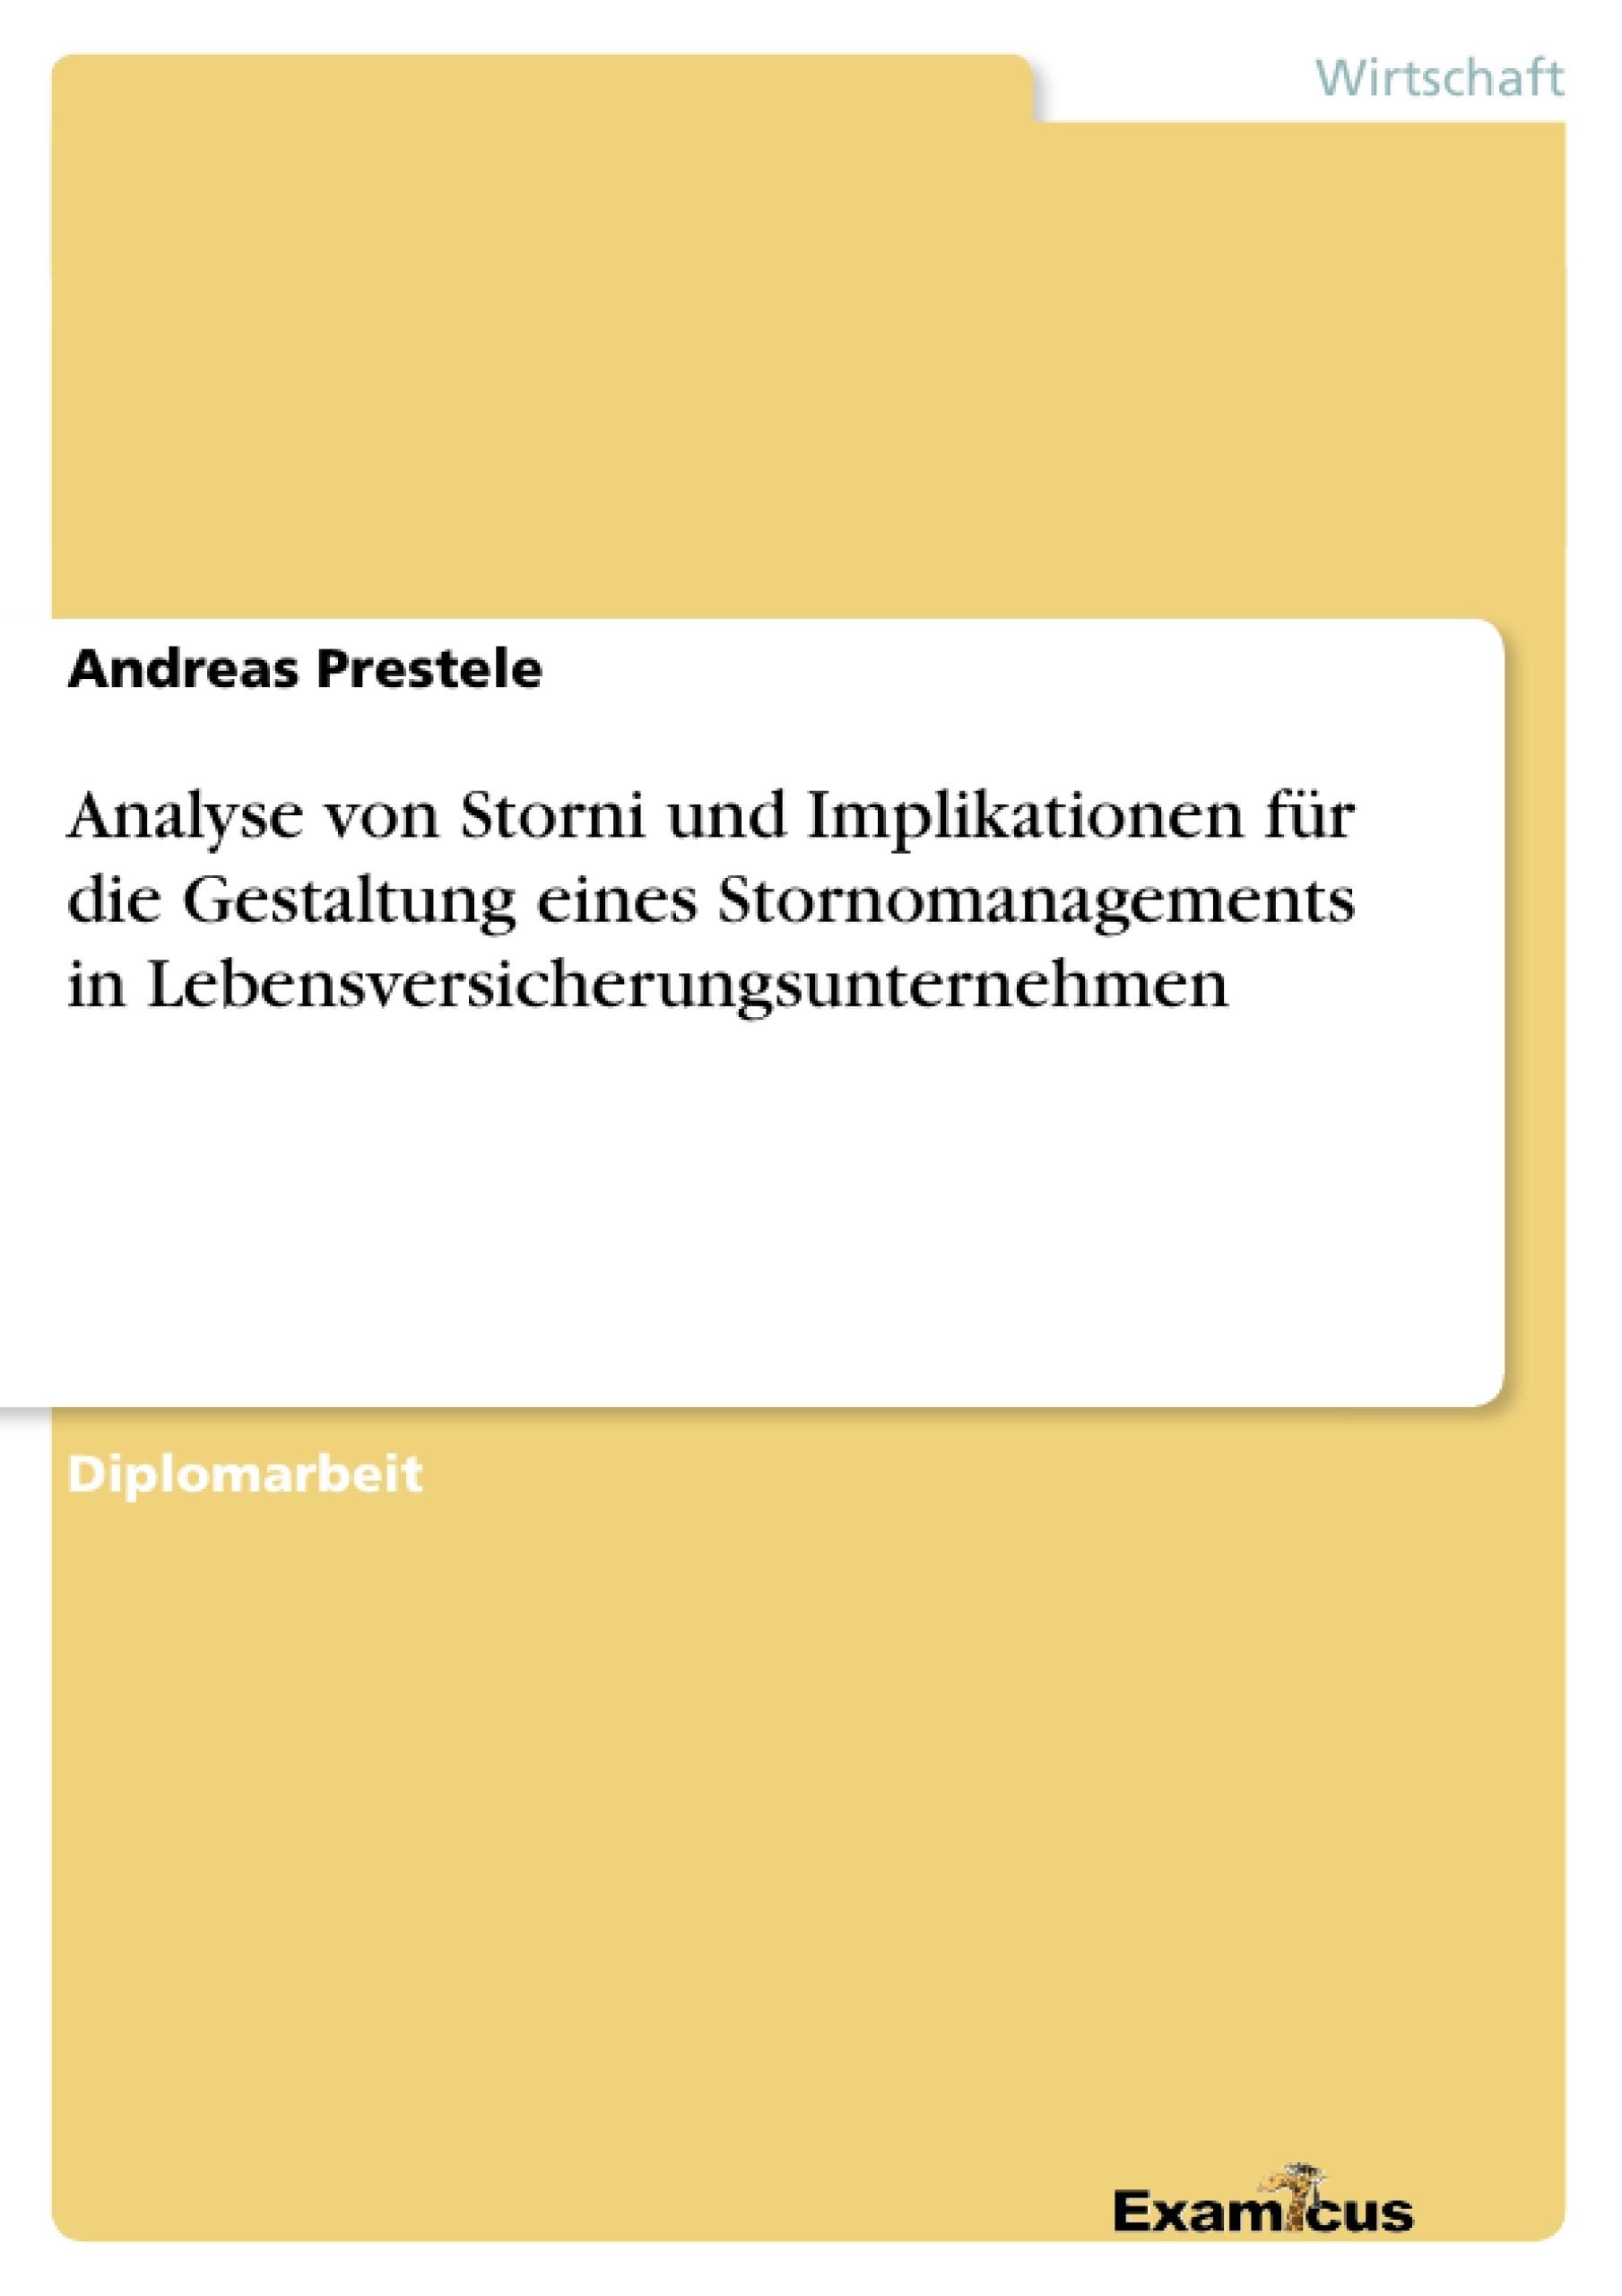 Titel: Analyse von Storni und Implikationen für die Gestaltung eines Stornomanagements in Lebensversicherungsunternehmen